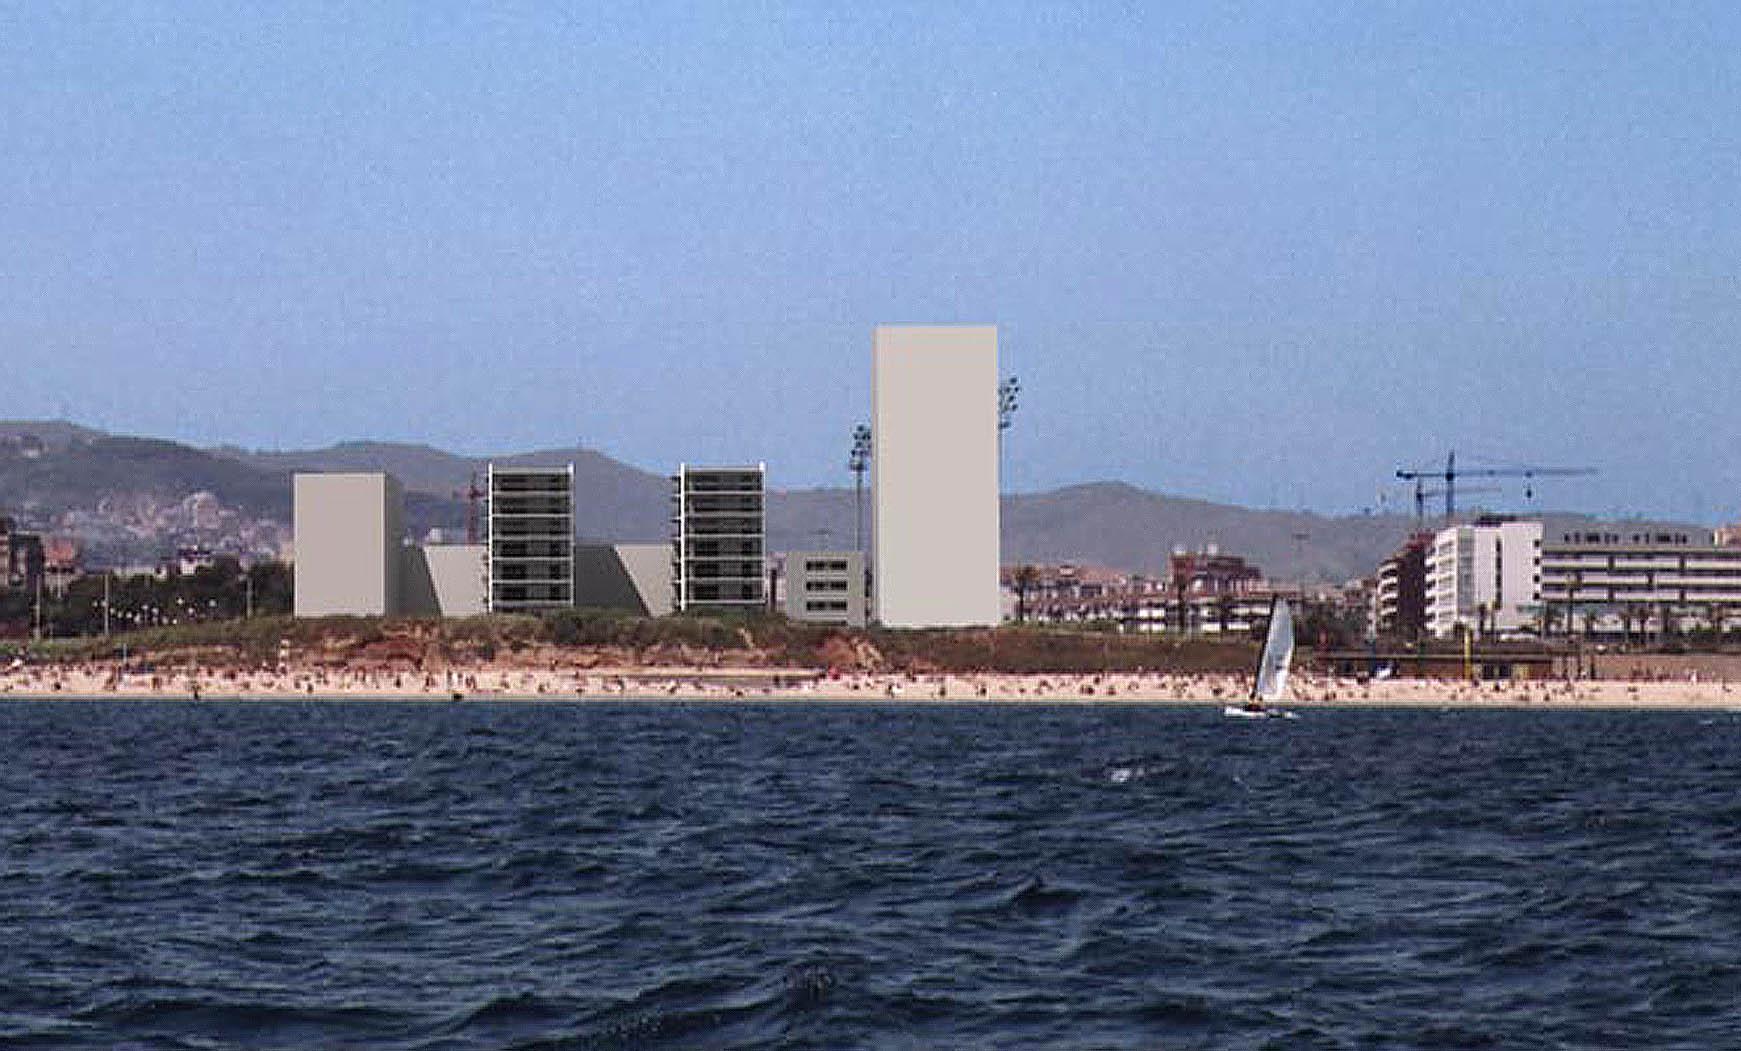 94 viviendas y aparcamiento en Calvell/Bilbao, Barcelona. Anteproyecto, 2003. En colab. con BCM 2/2